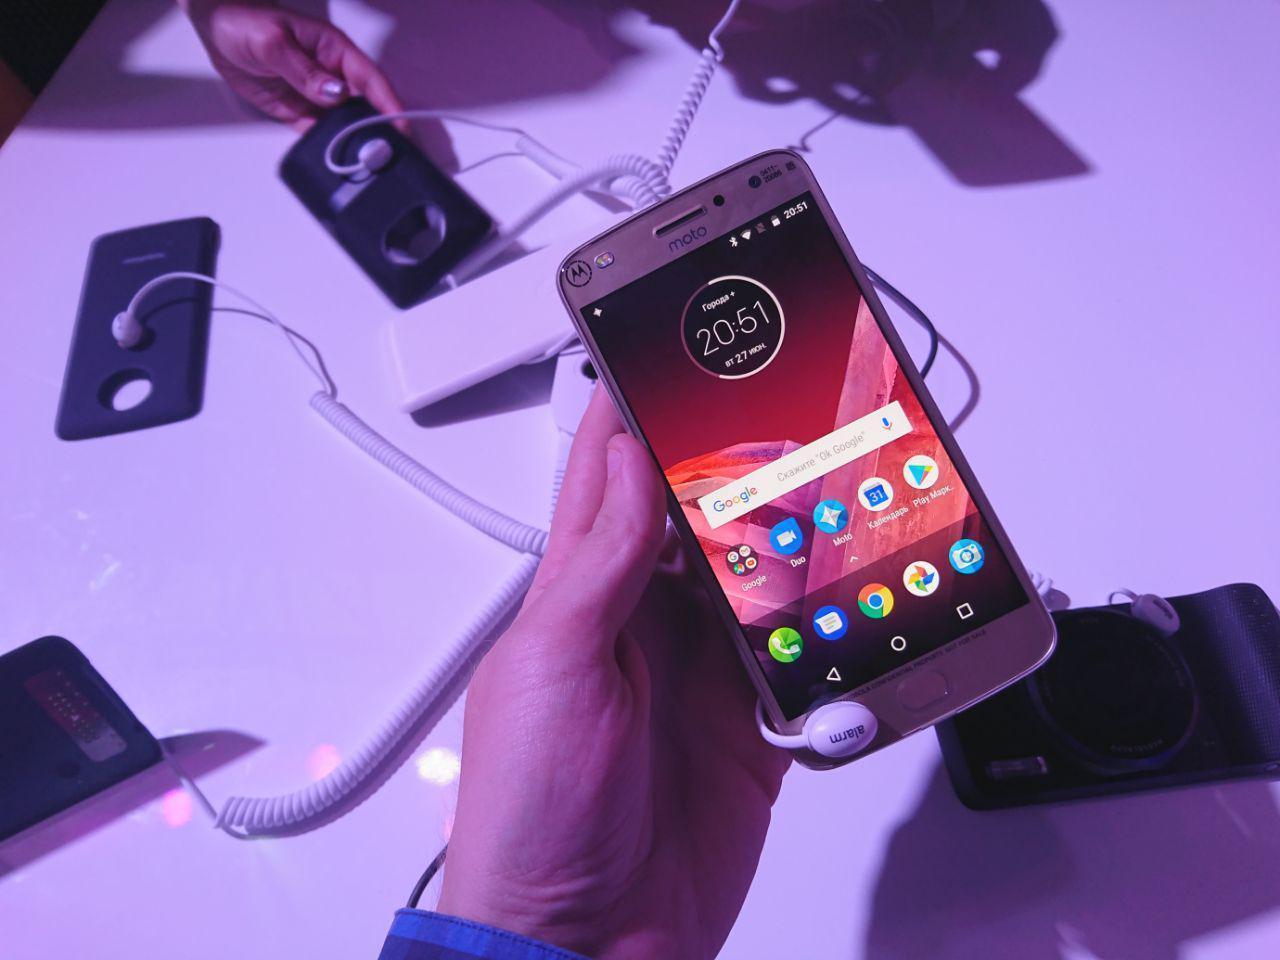 Motorola Moto Z2 Play официально представлен в России (photo 2017 06 27 20 52 42)